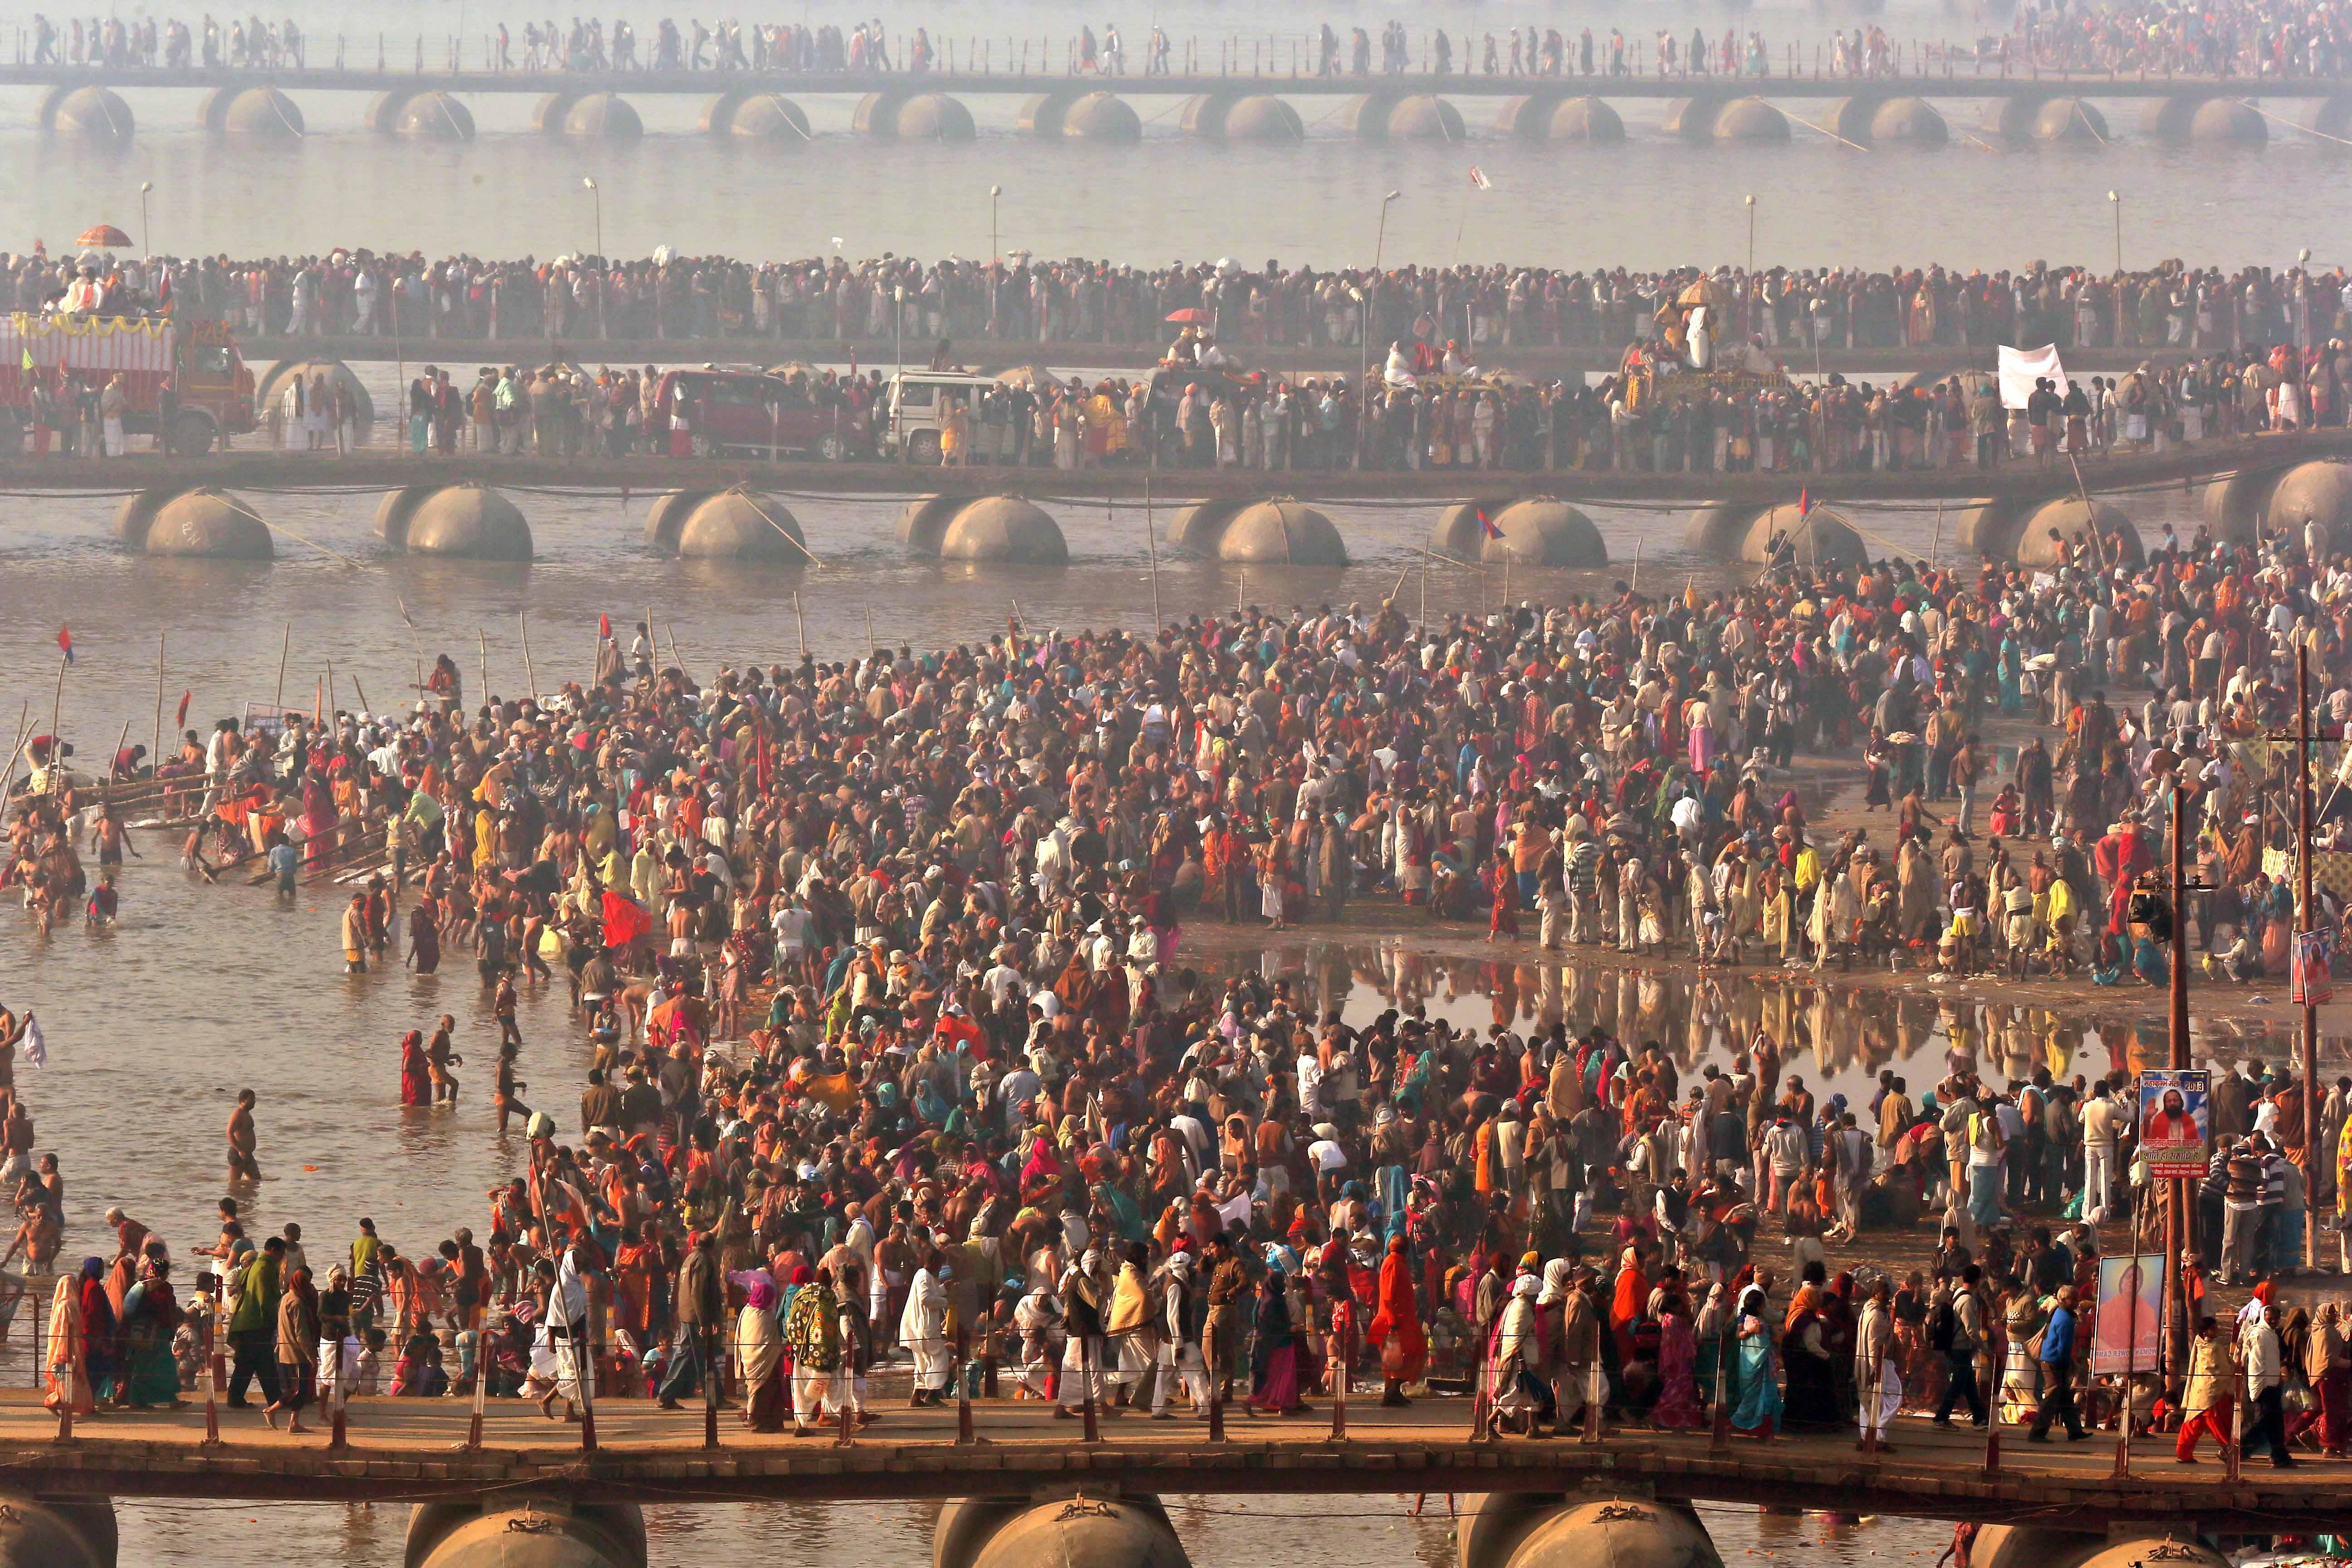 Религиозный фестиваль Кумбха-Мела (Индия). Источник: kumbhmela.com